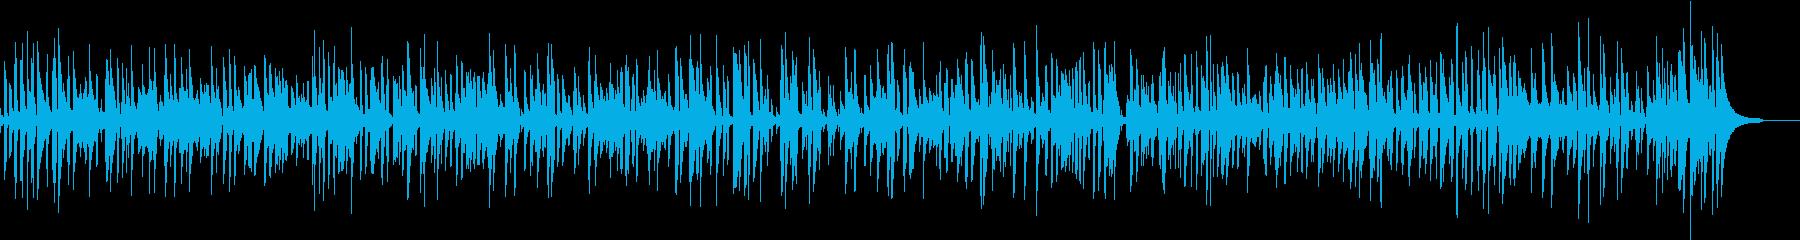 ジャズバーで流れるおしゃれなピアノジャズの再生済みの波形